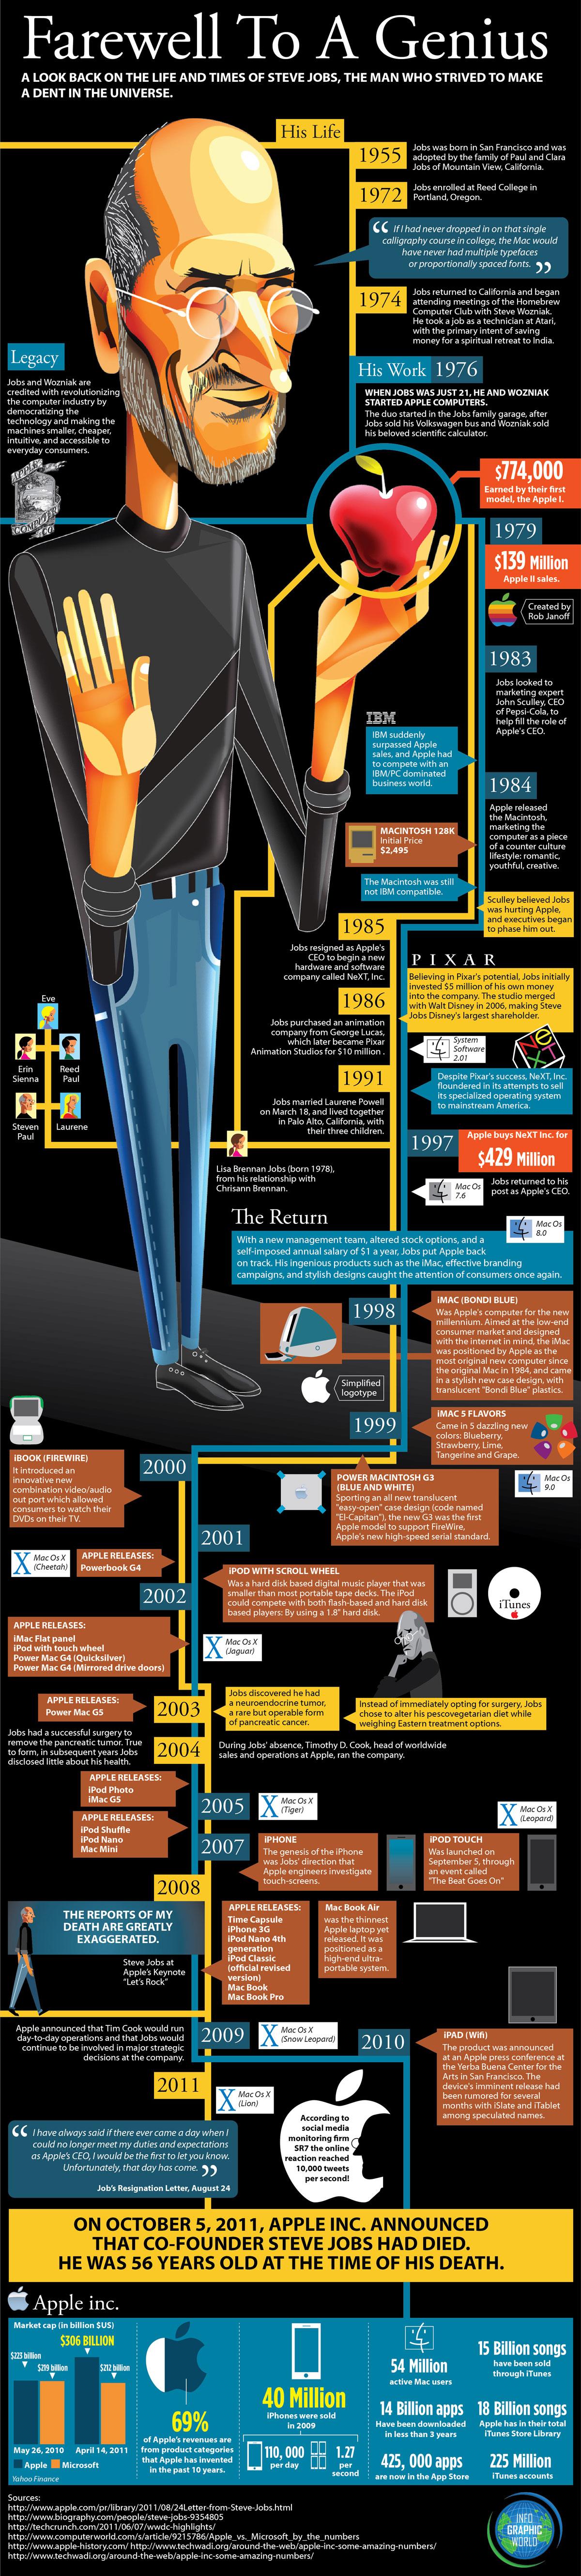 """La """"timeline"""" de Steve Jobs en 1 image"""